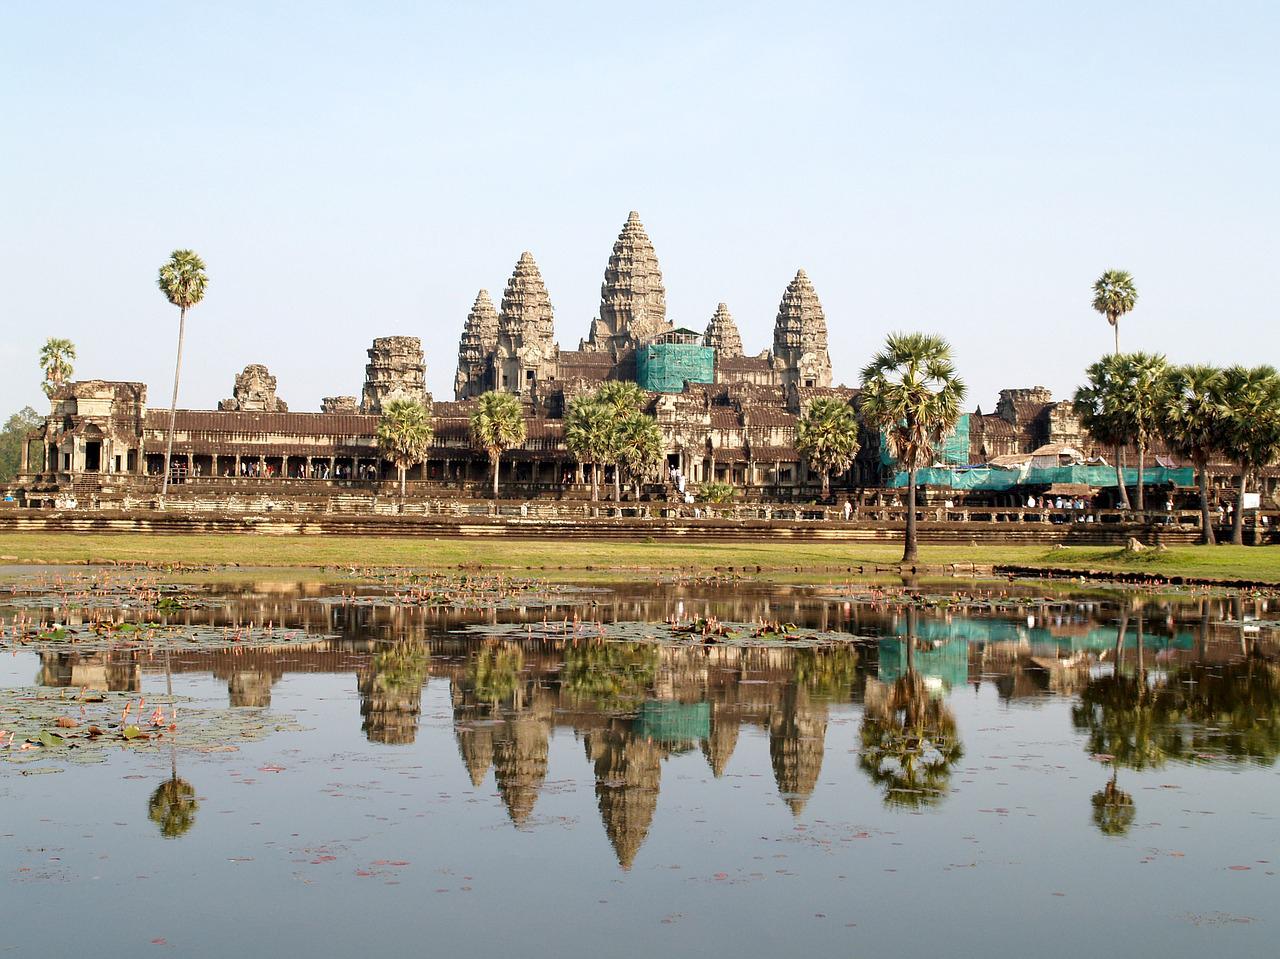 カンボジア・伝統を切り開くサンポット展覧会が開催